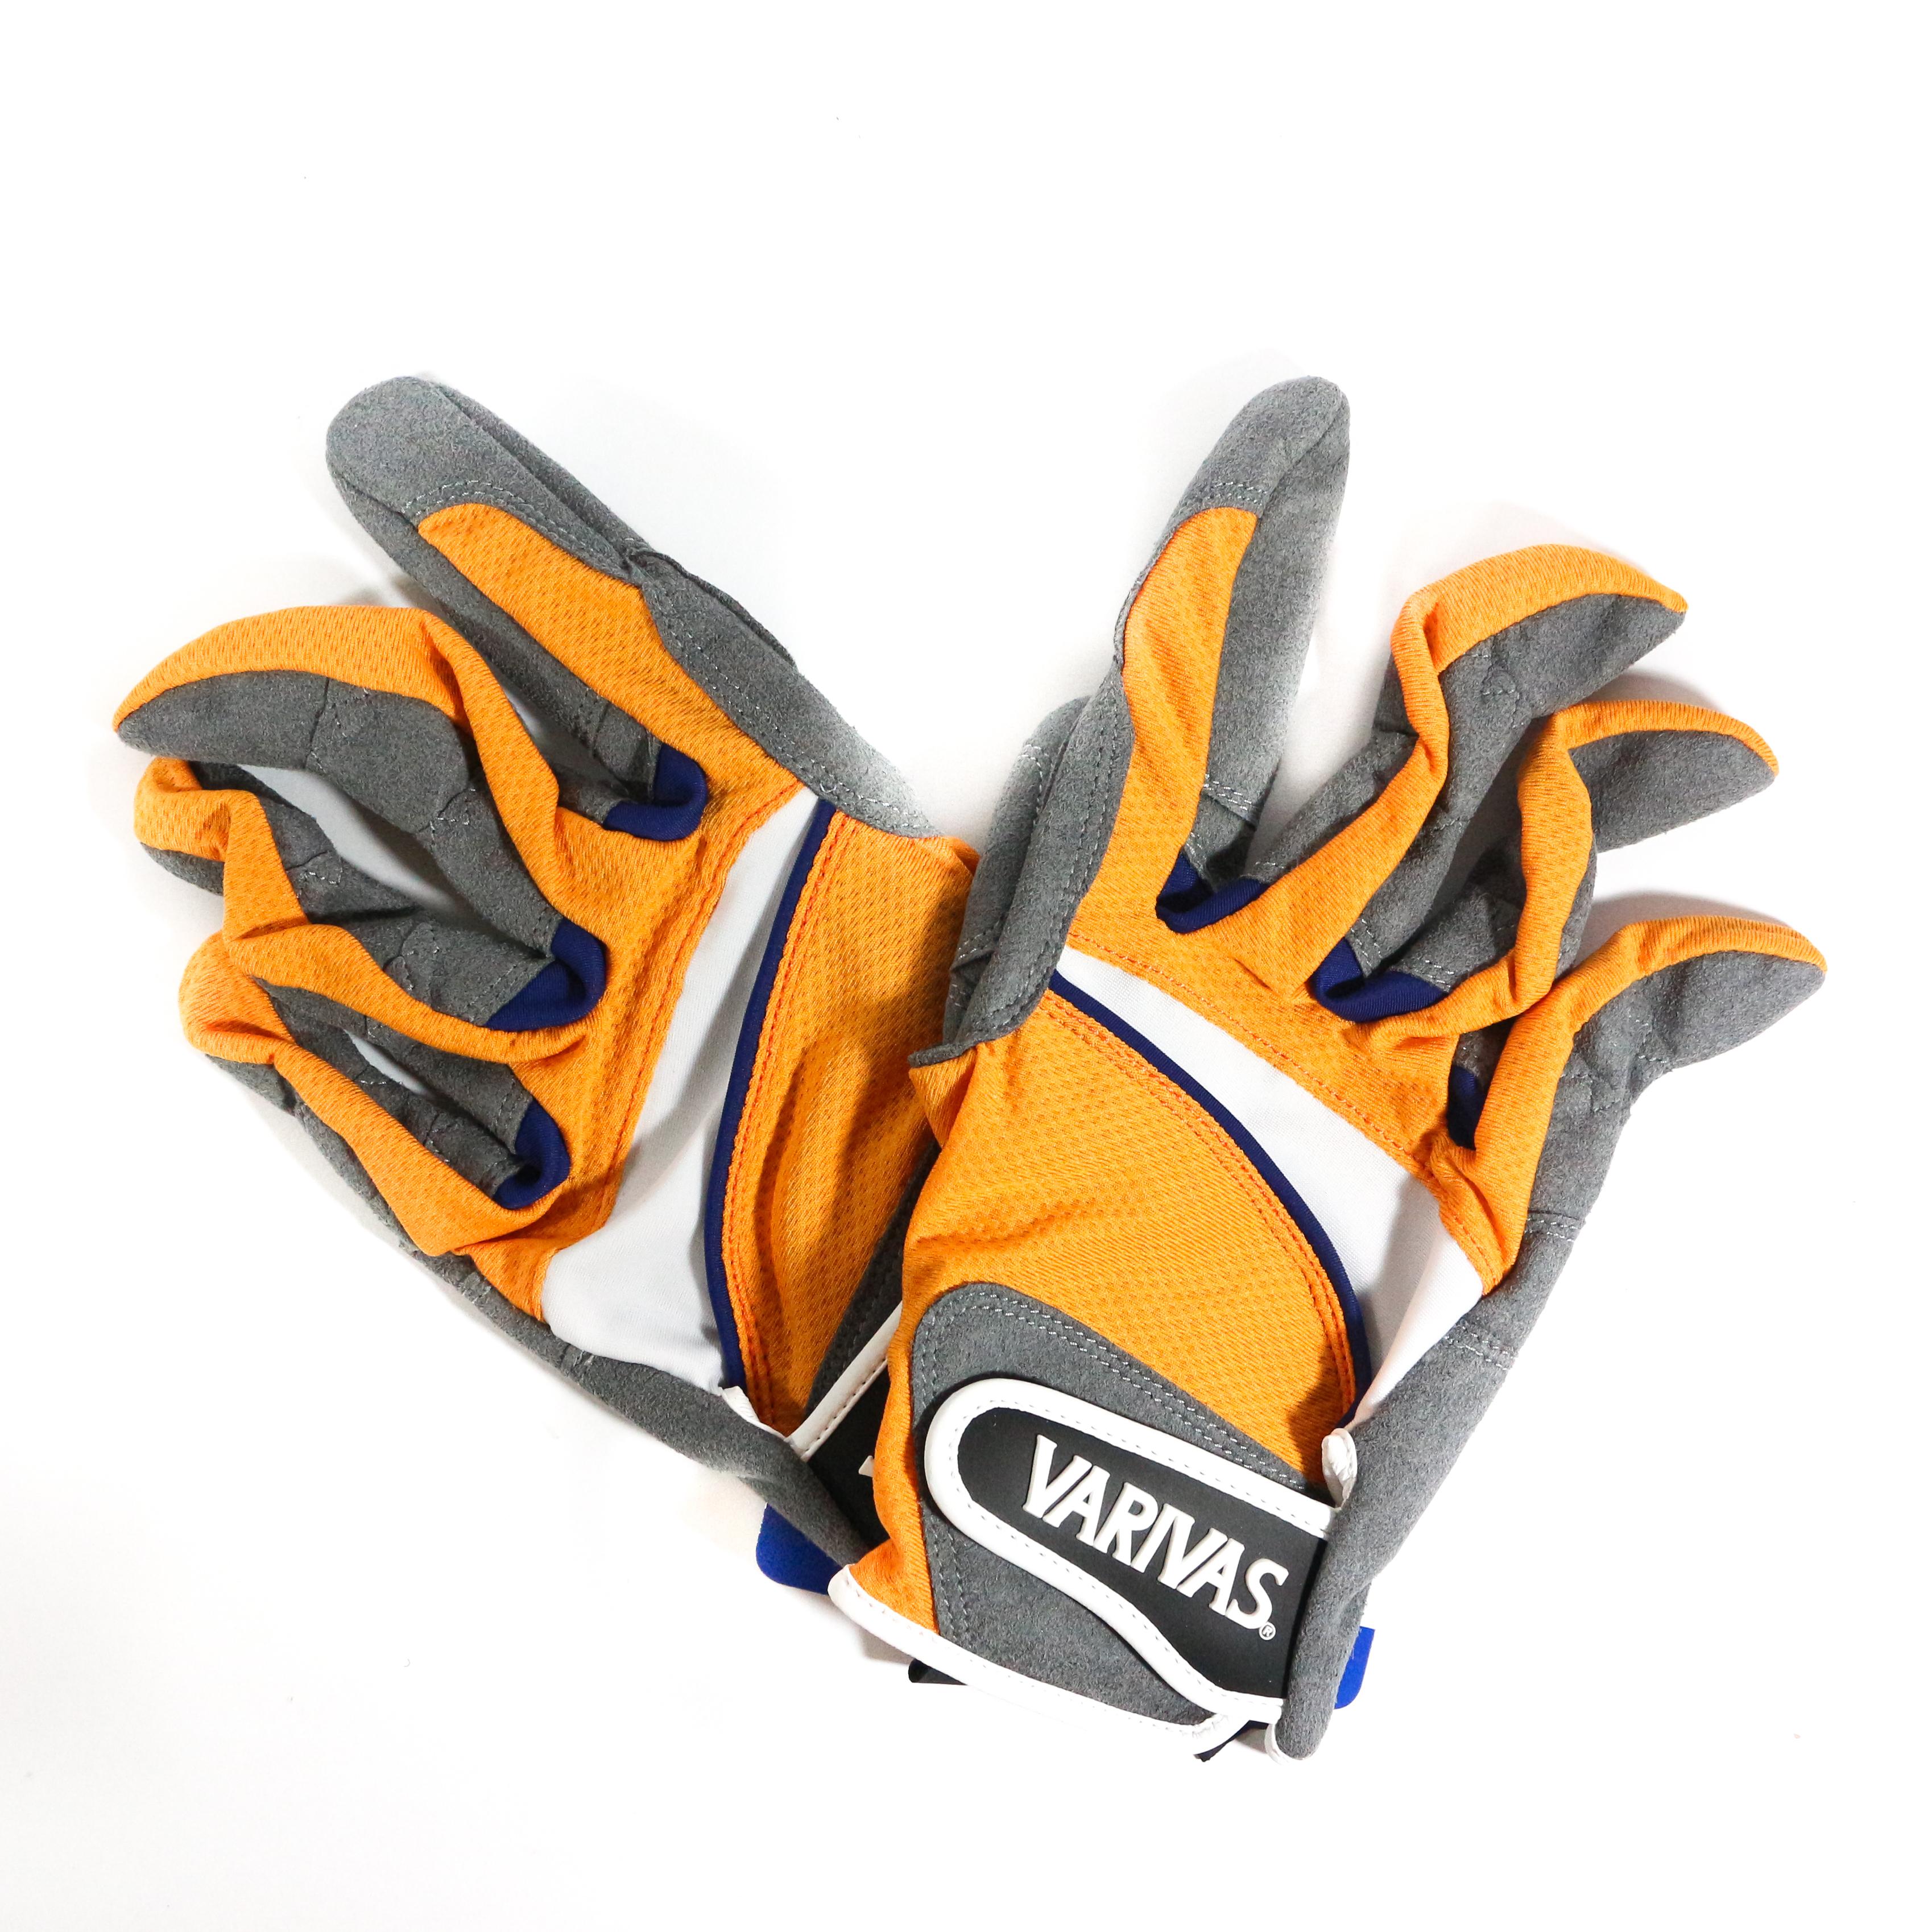 Varivas VAG-20 Mesh Gloves Ergo Grip Orange Size LL (0573)